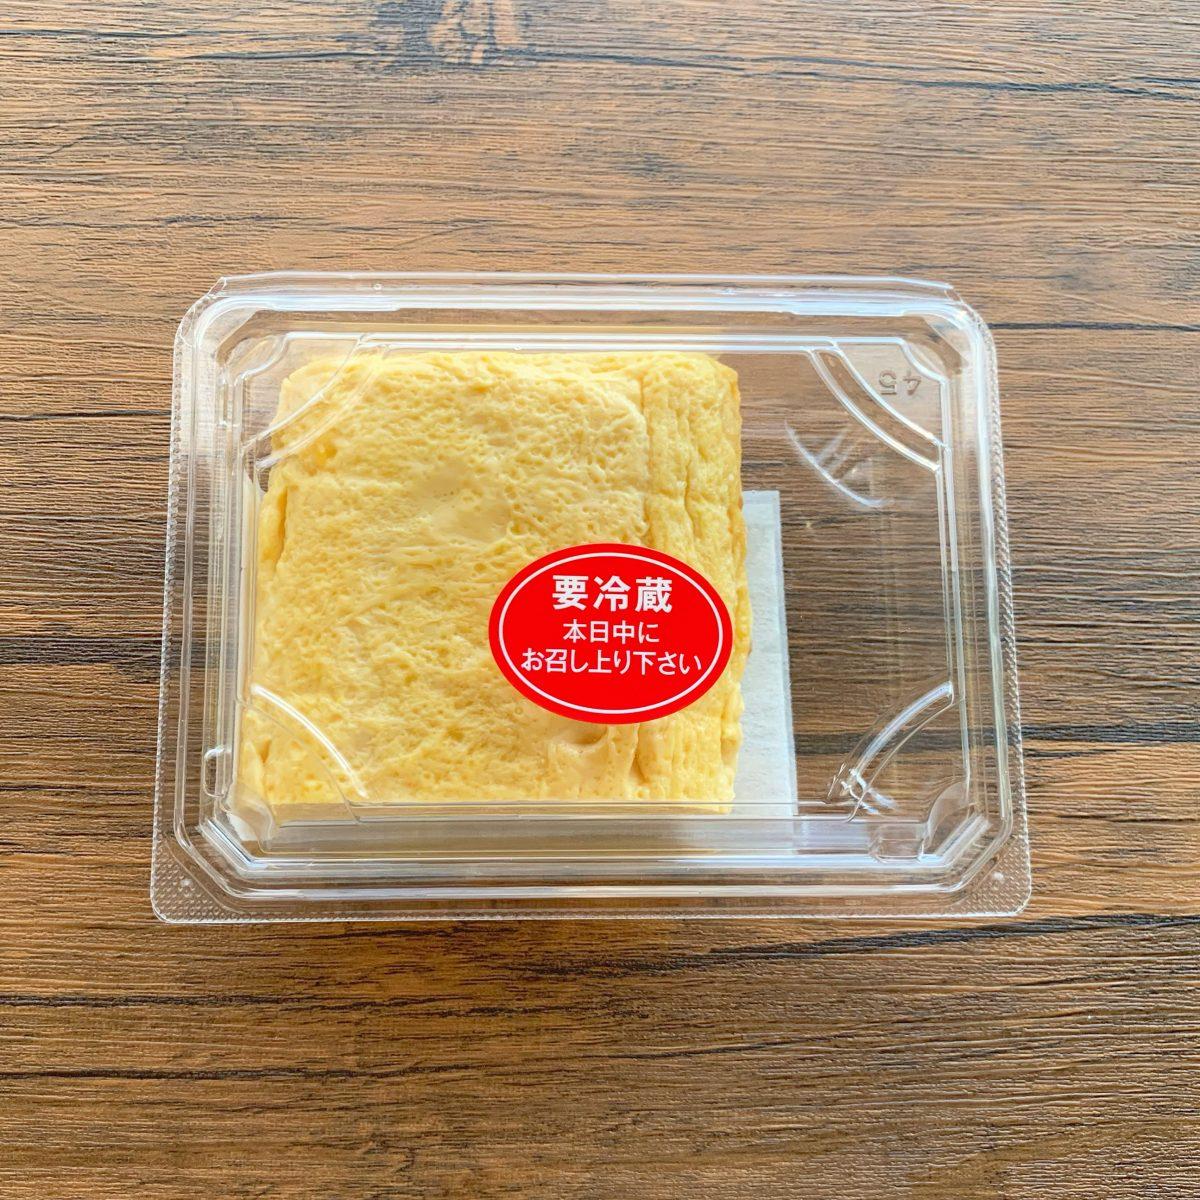 阪急梅田のデパ地下♡おいしい出汁巻き玉子の店『双樹(そうじゅ)』